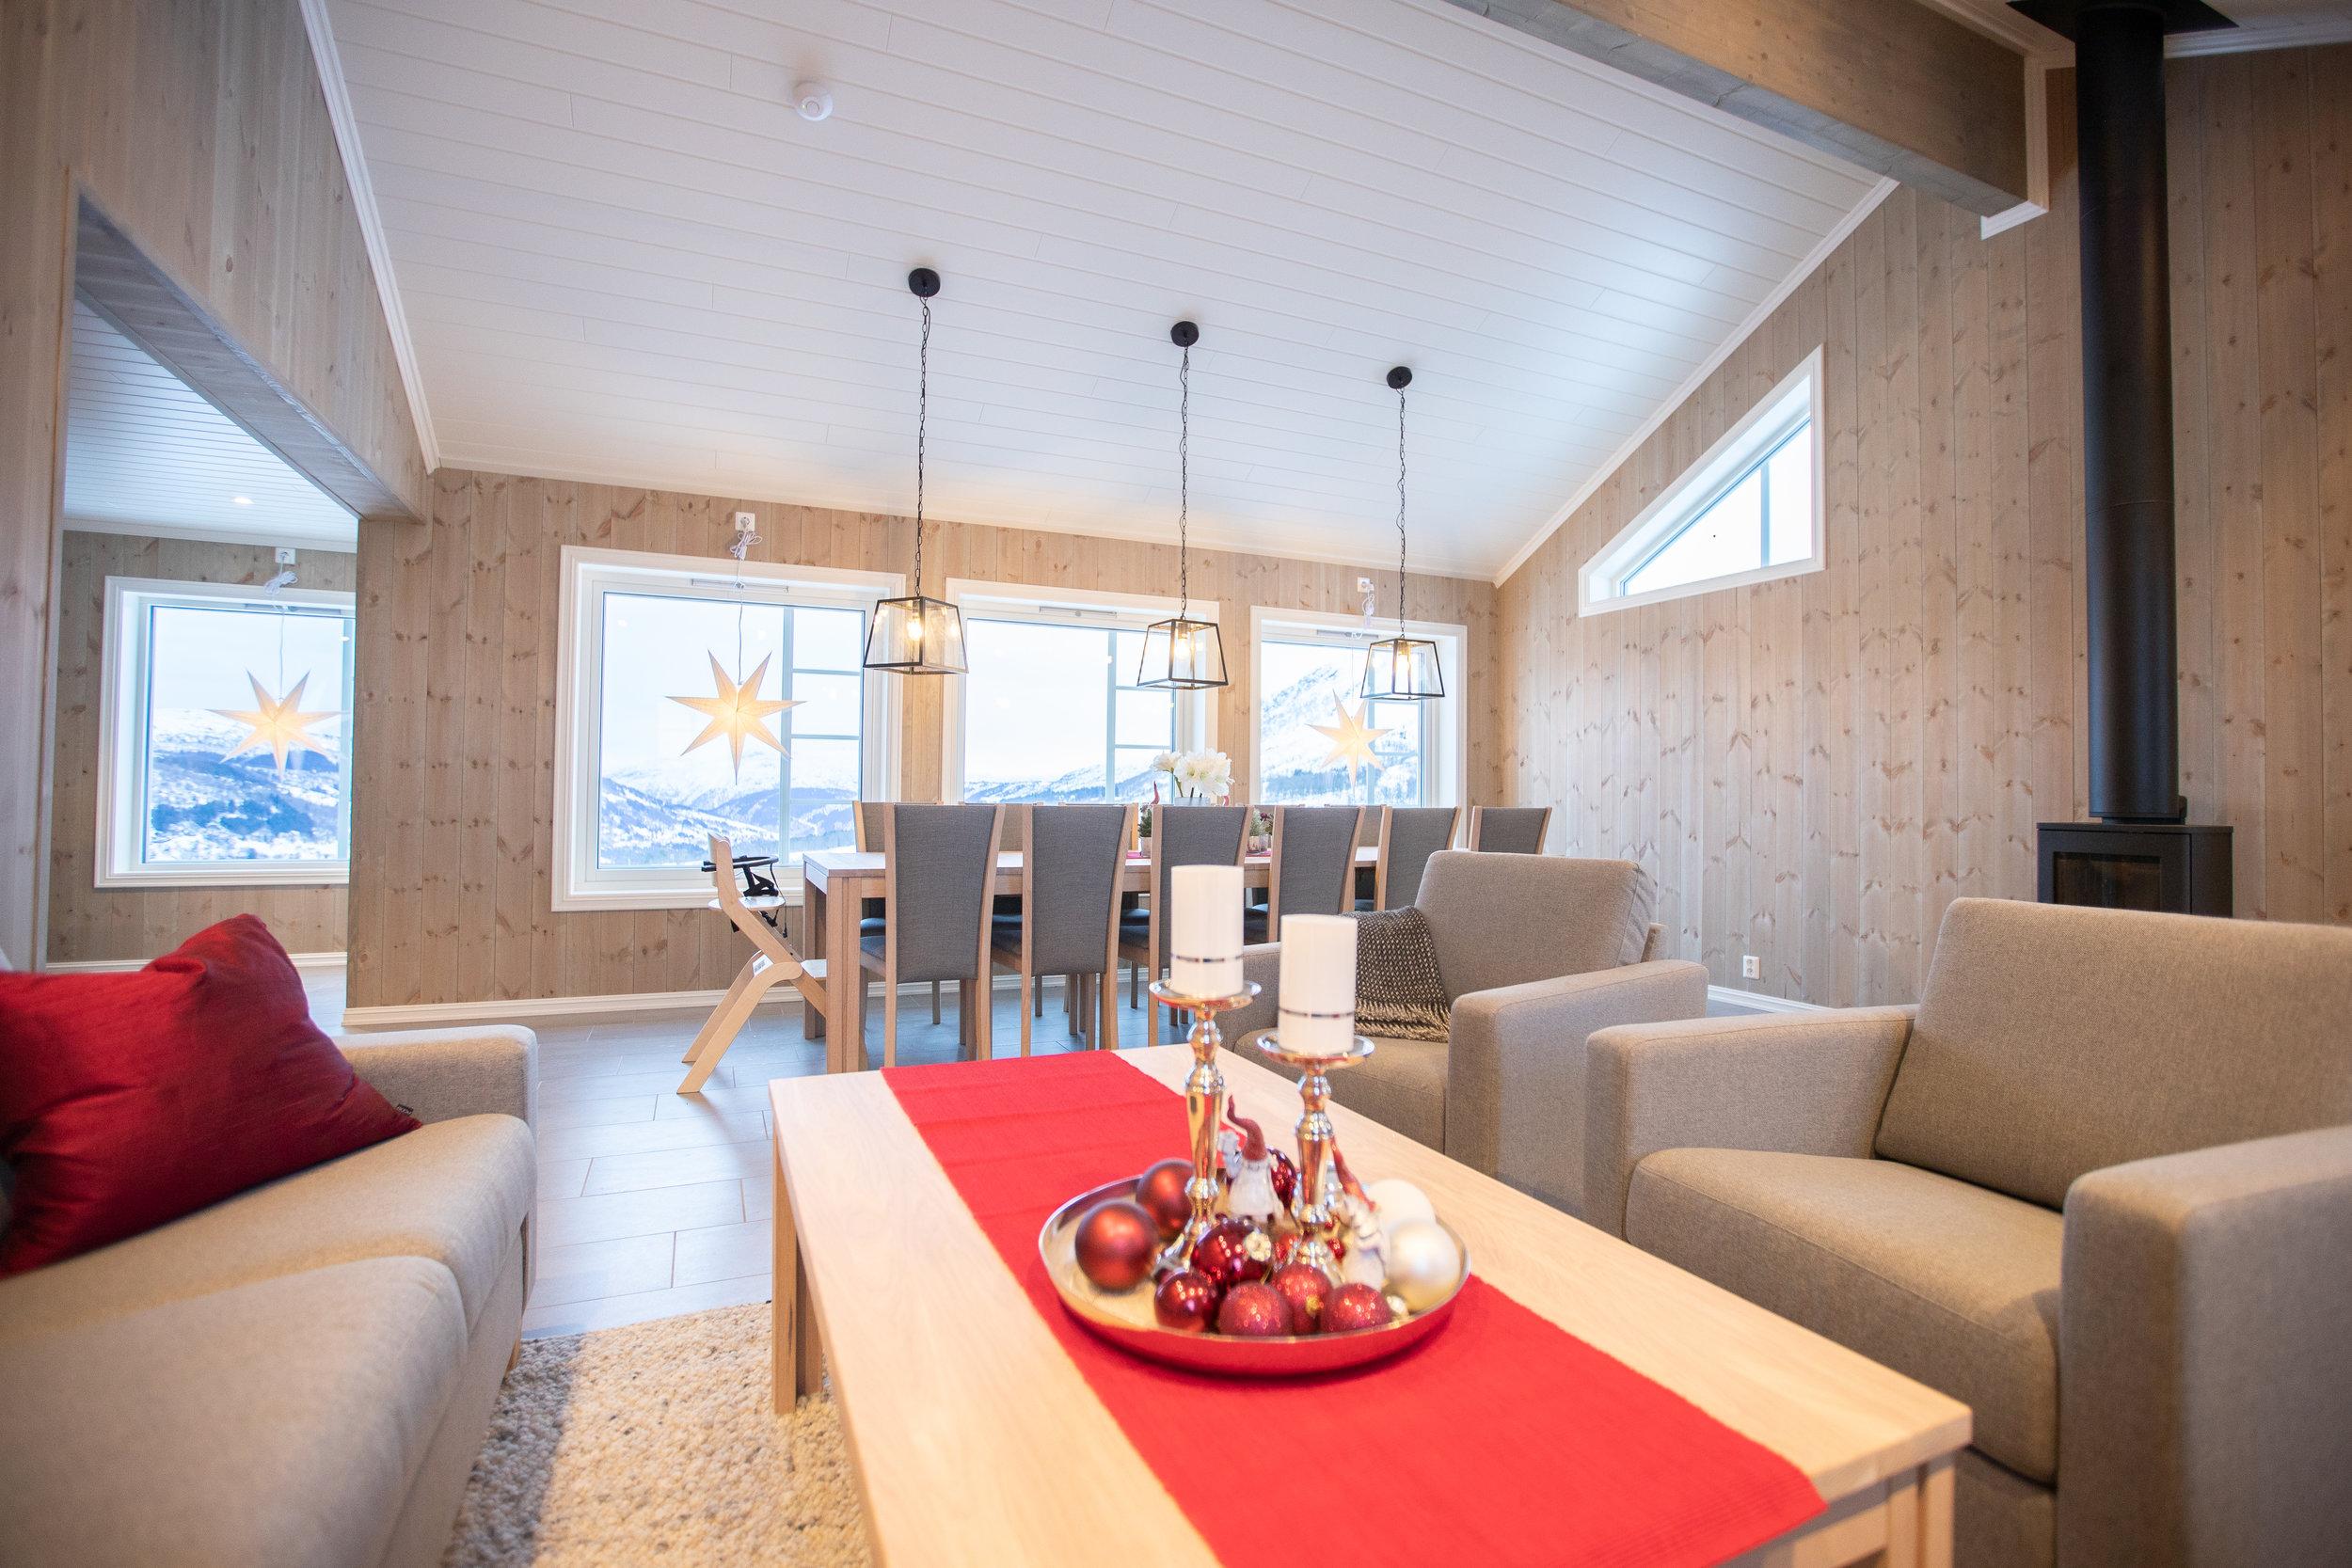 KLAR: Hytta til Rolf stod klar 22. desember. Romsleg hytte med god plass til 12 personar